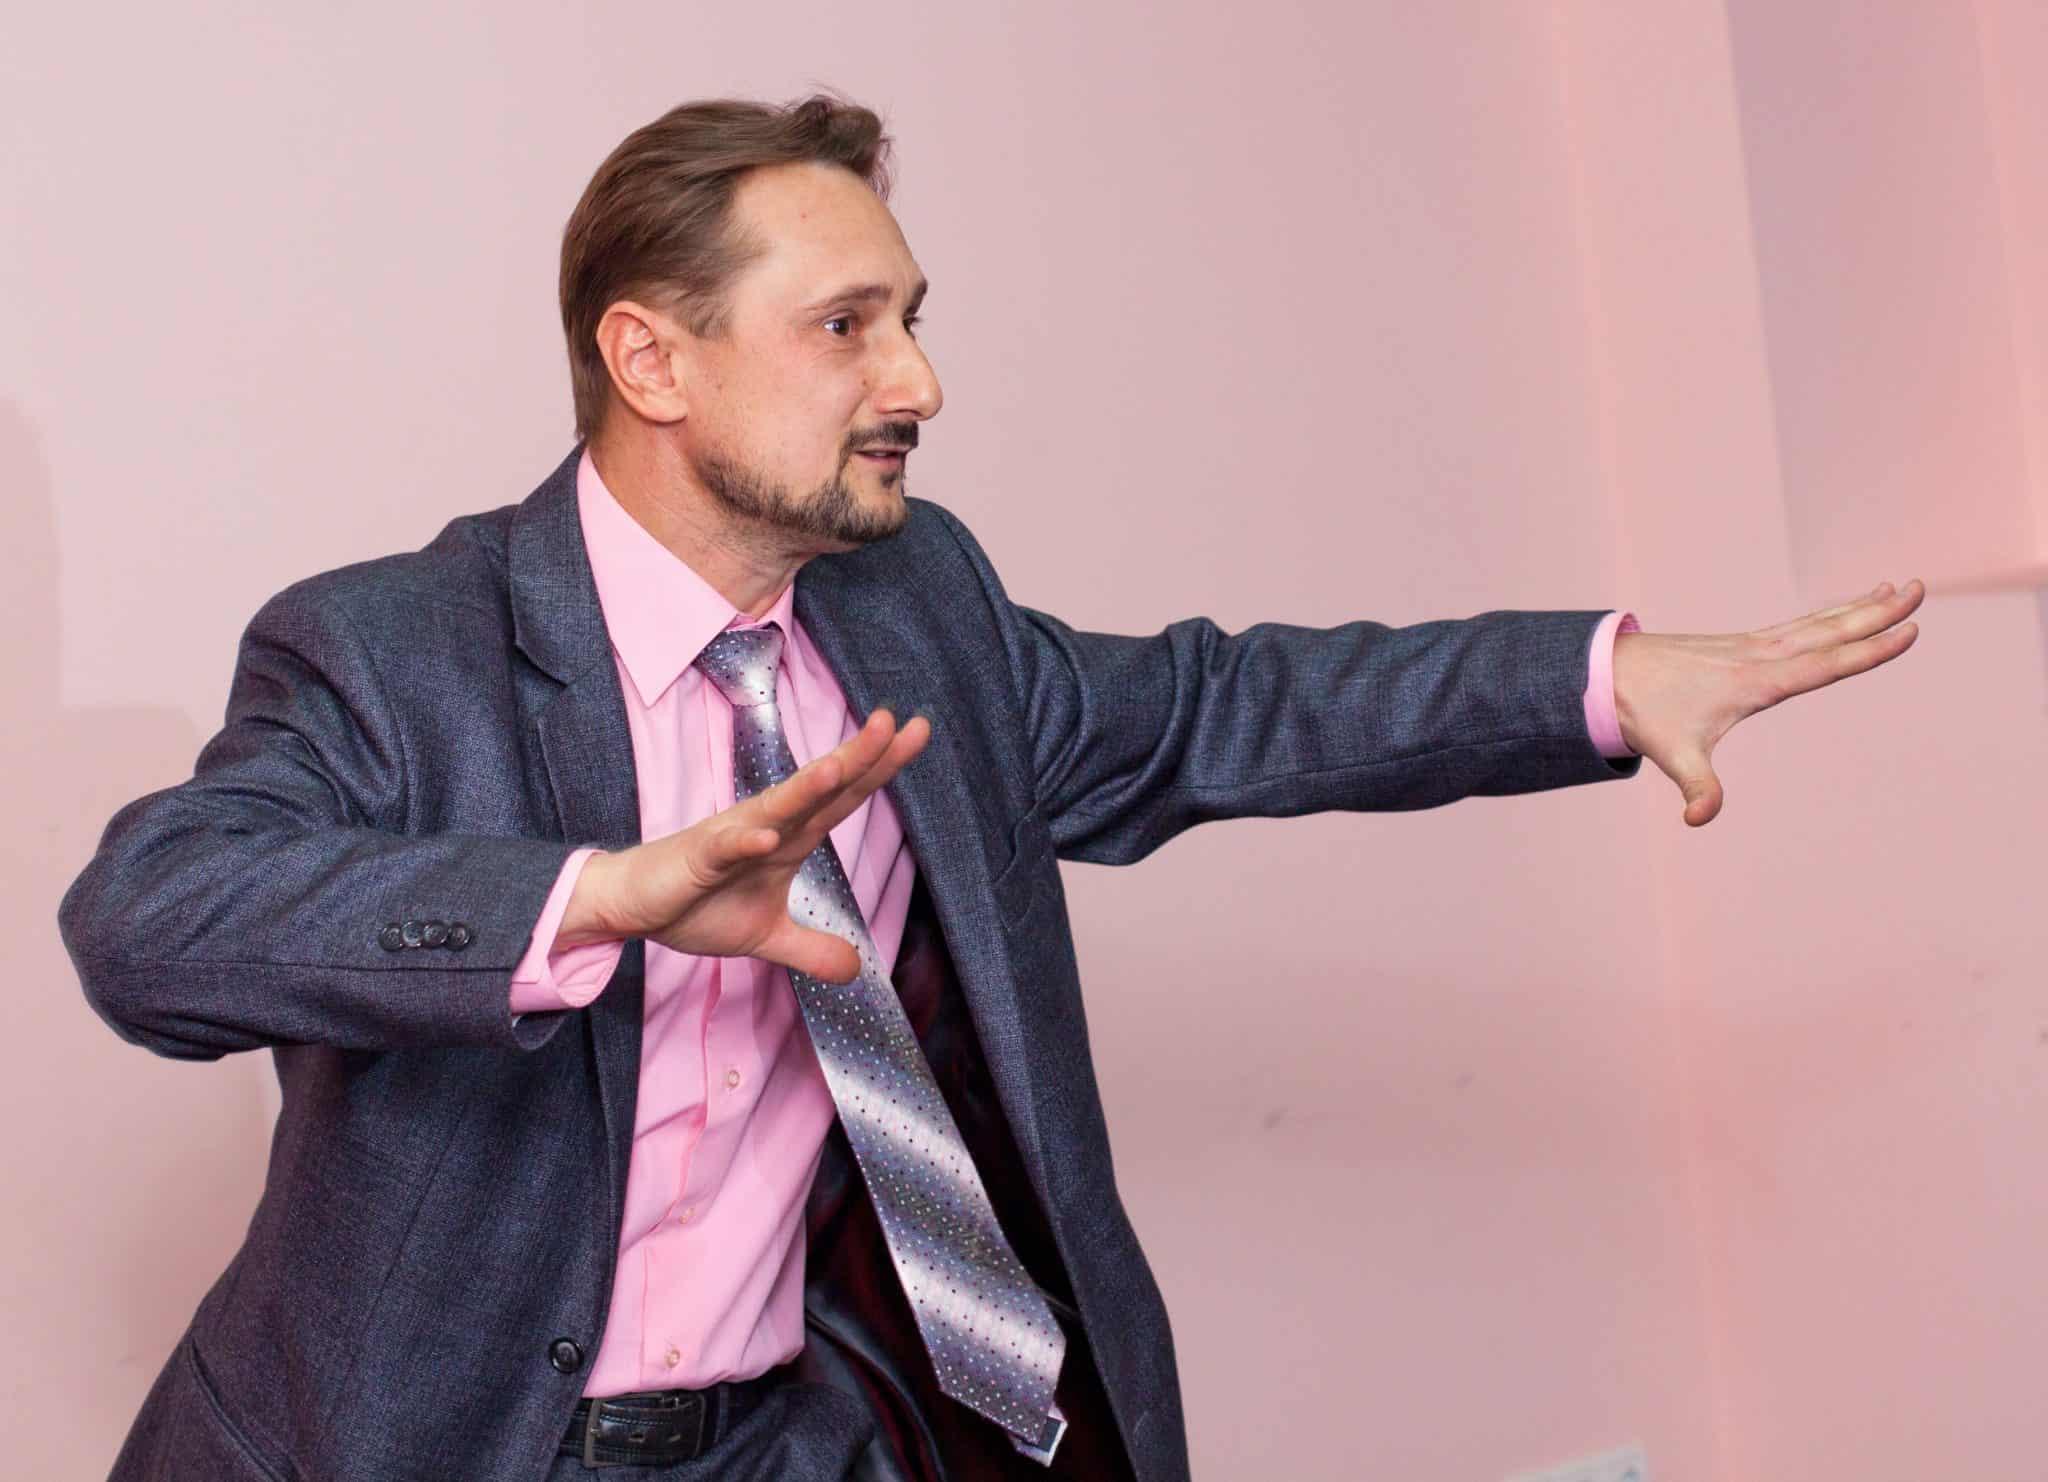 Жесты оратора. Жестикуляция оратора. Обучение жестам.